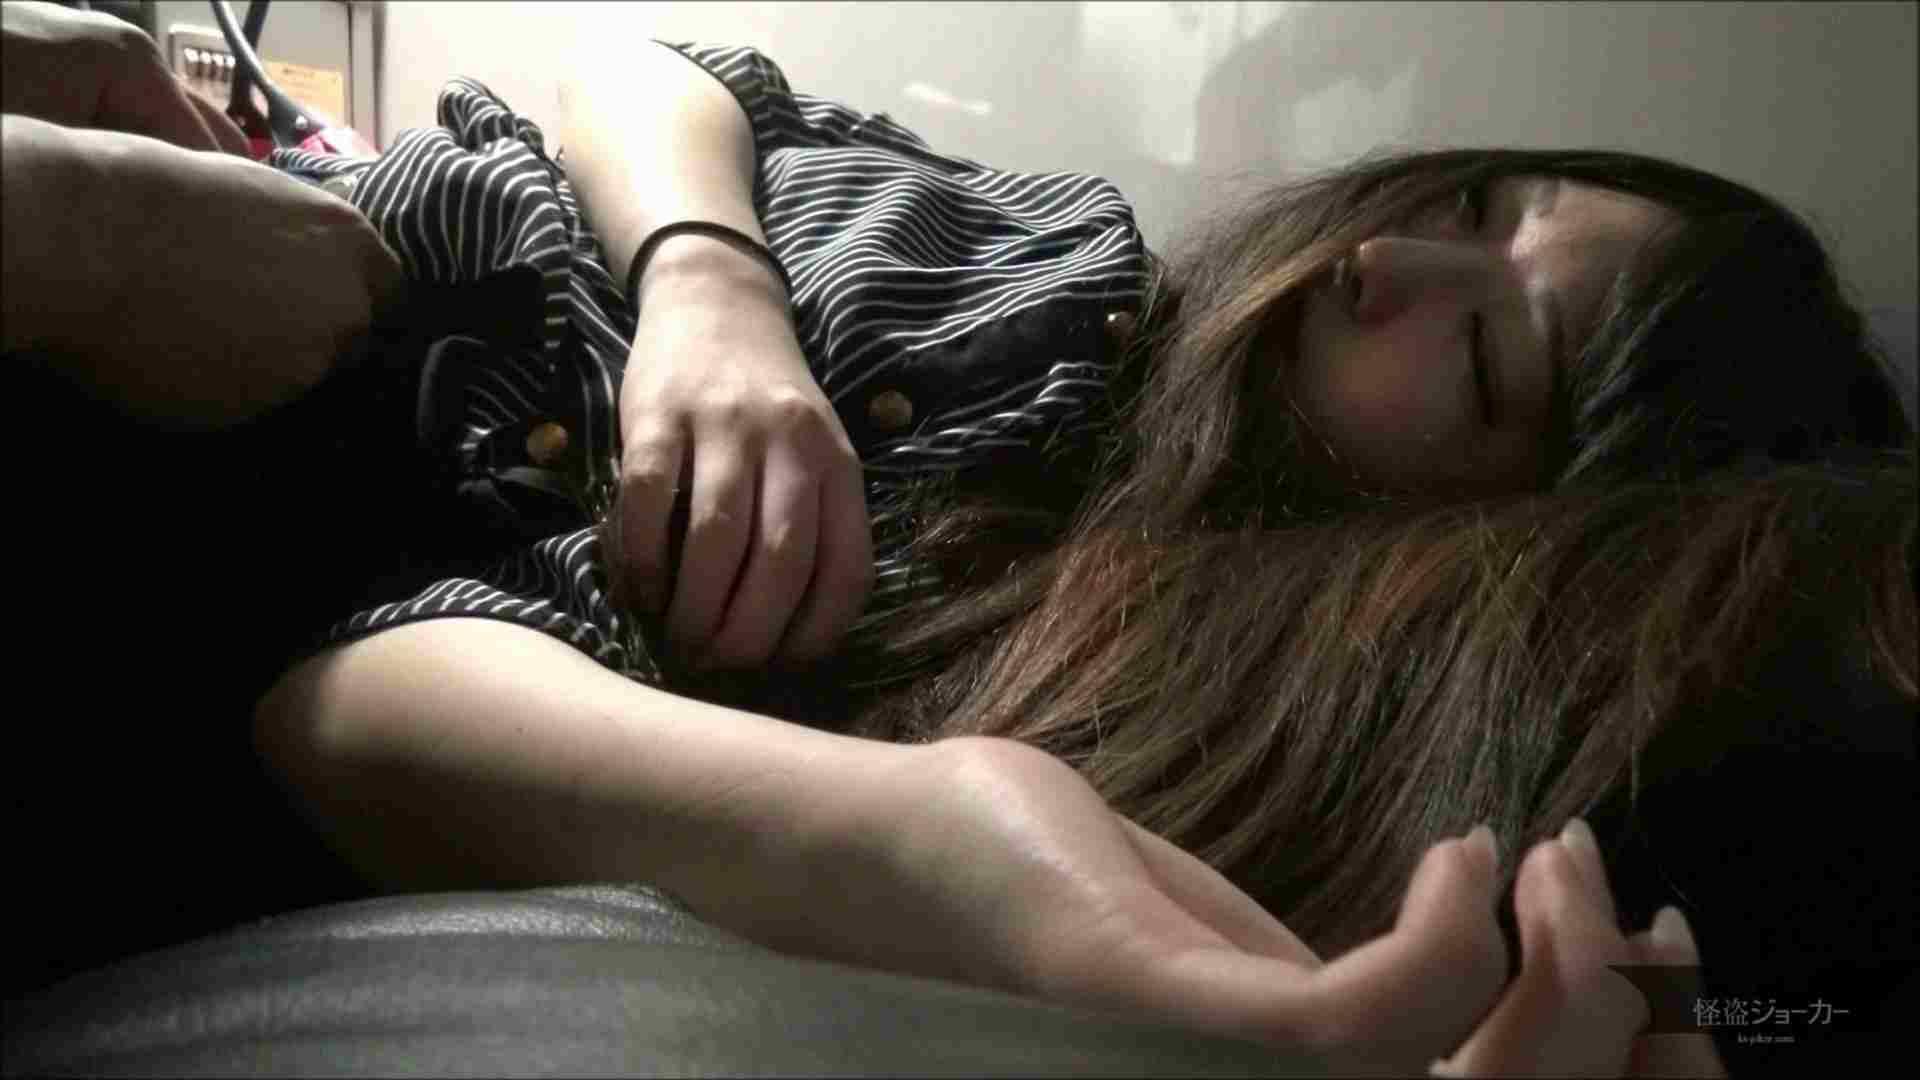 【未公開】vol.89 {黒髪女子18歳}押しに弱いYURIちゃん。 イタズラ 盗み撮り動画キャプチャ 83pic 22